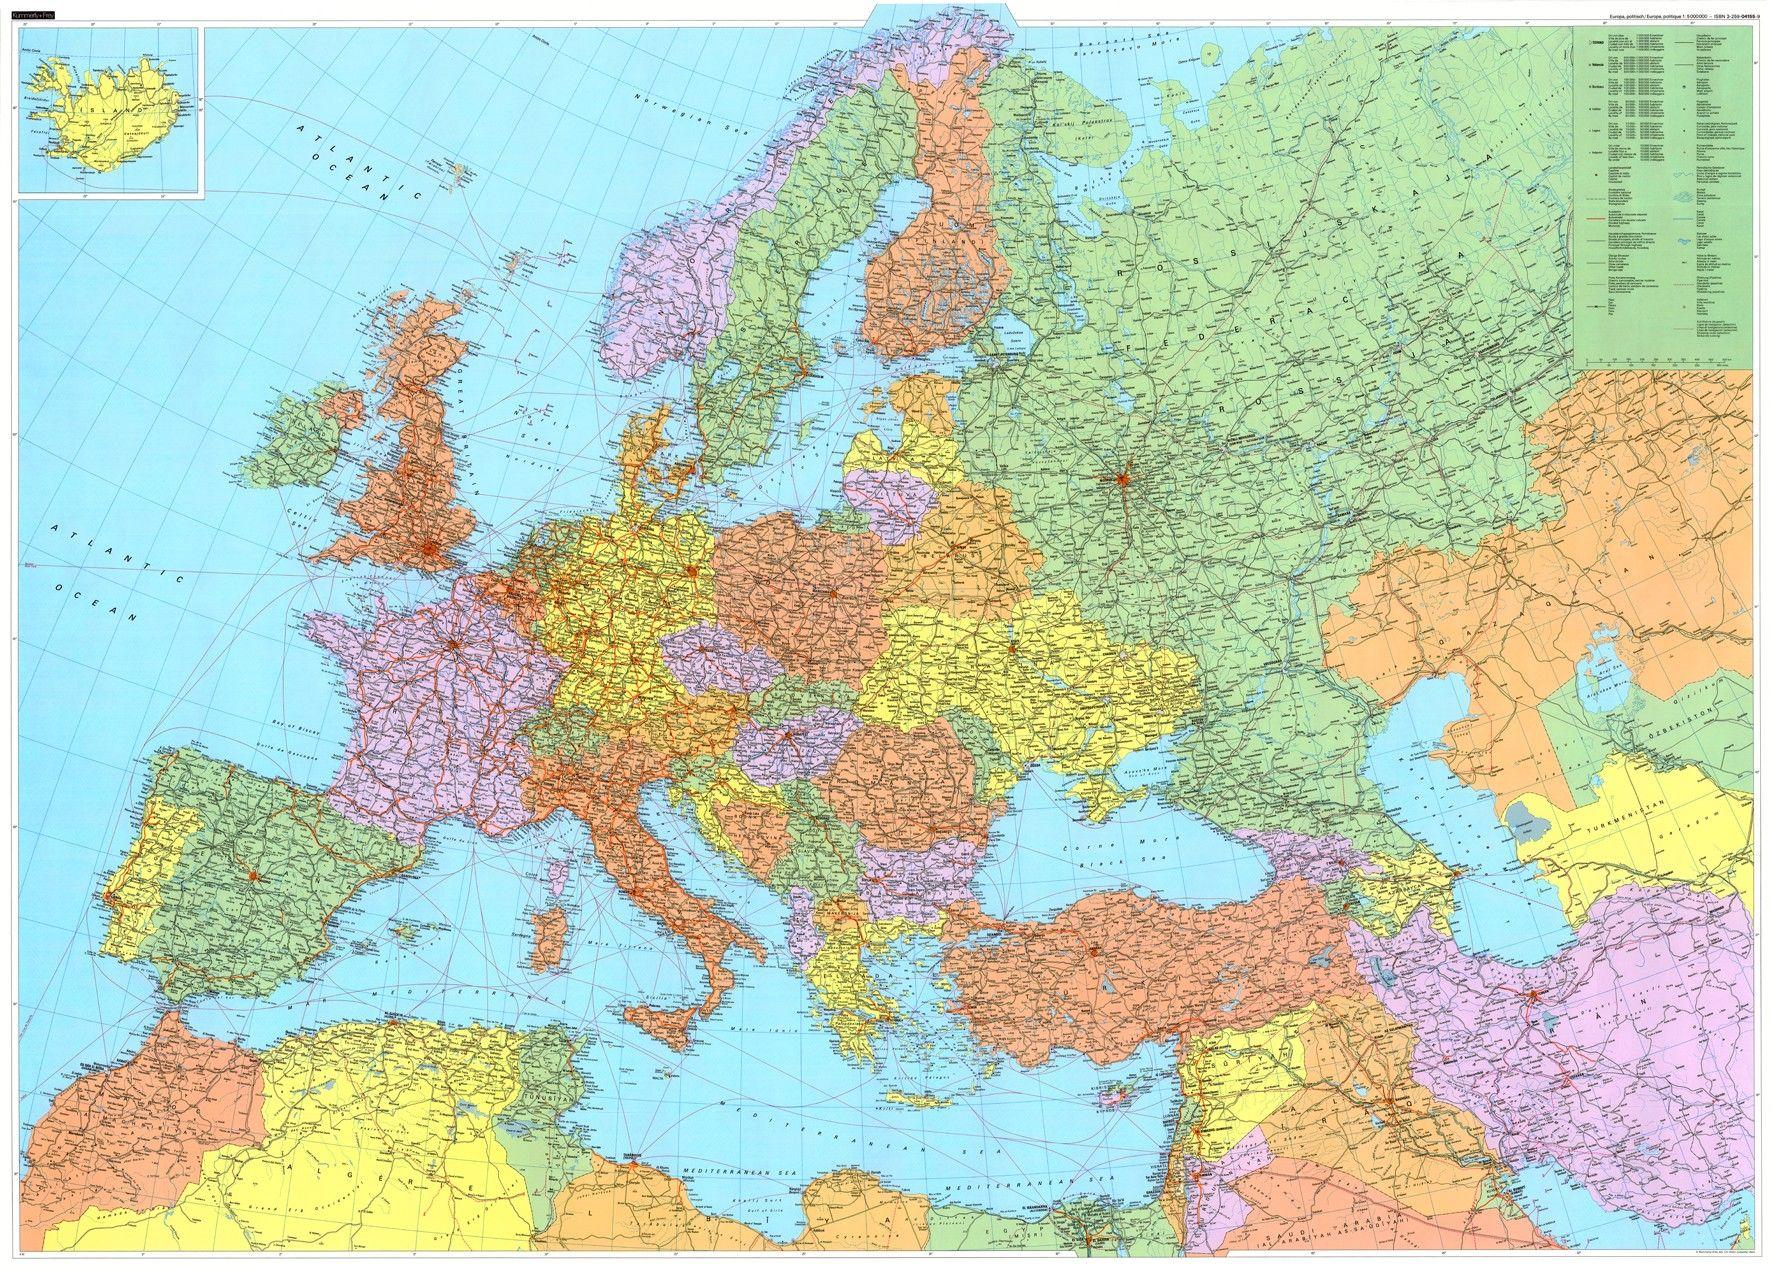 Europakaart met lucht en zeehavens